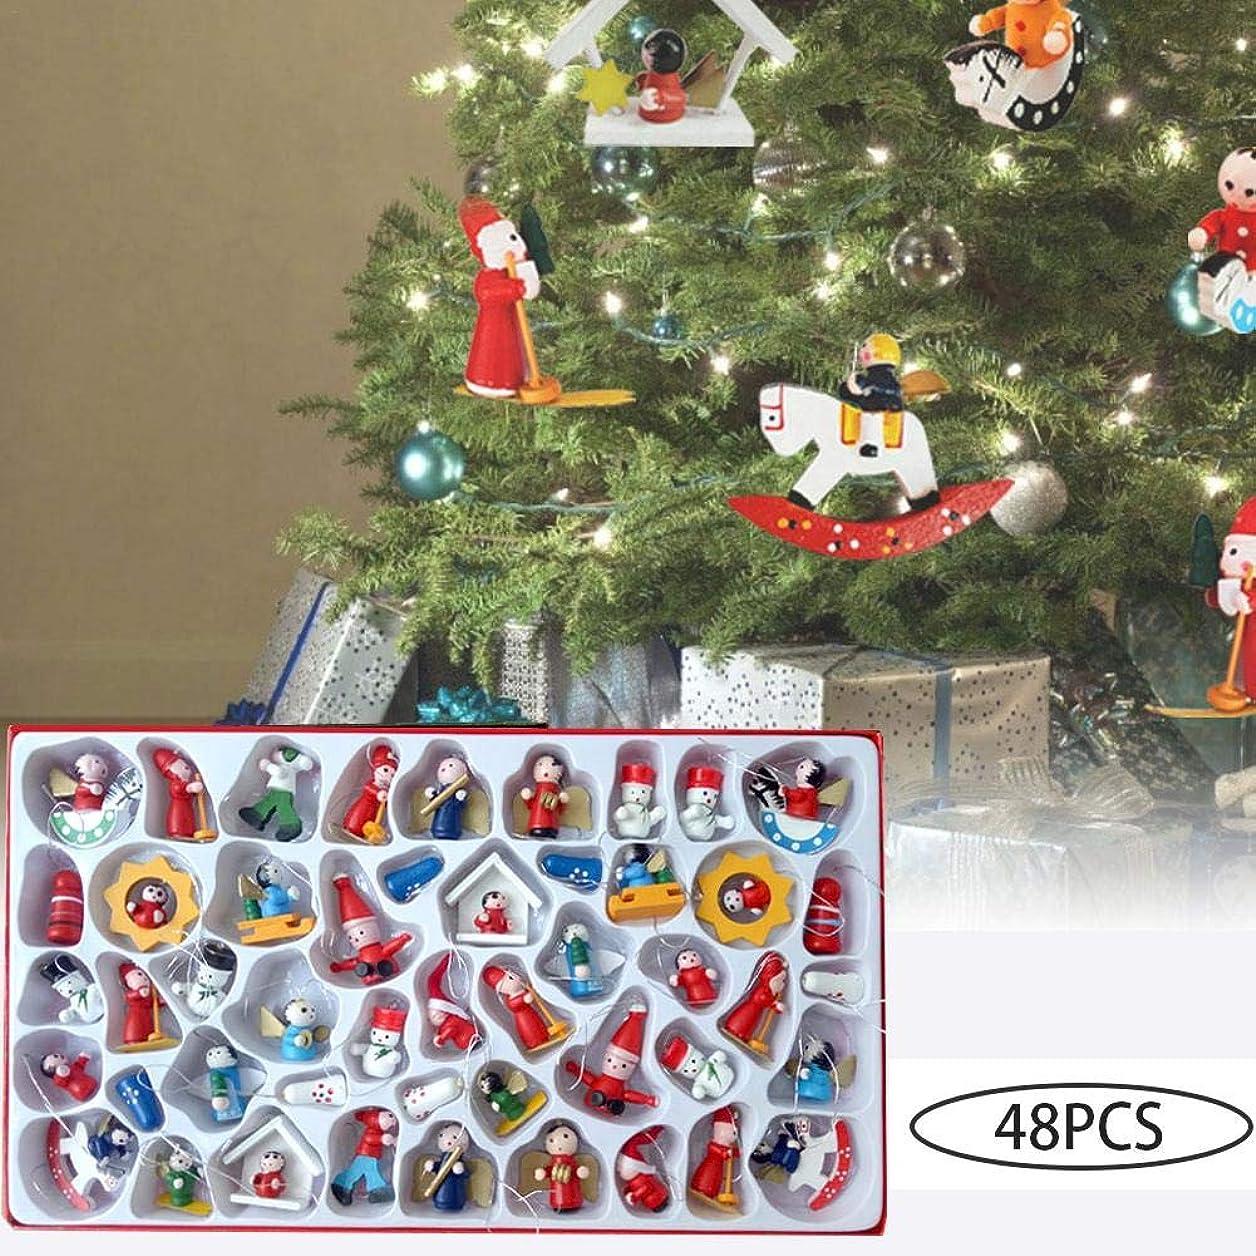 群衆誓う取得するshopparadise クリスマスツリー オーナメント デコレーション ペンダント 木製 人形 48個セット 装飾パーツ サンタ ツリー 可愛い クリスマス飾り インテリア 壁掛け装飾 部屋装飾 クリスマス 置物 オーナメント 人形 糸付き ツリーオーナメント